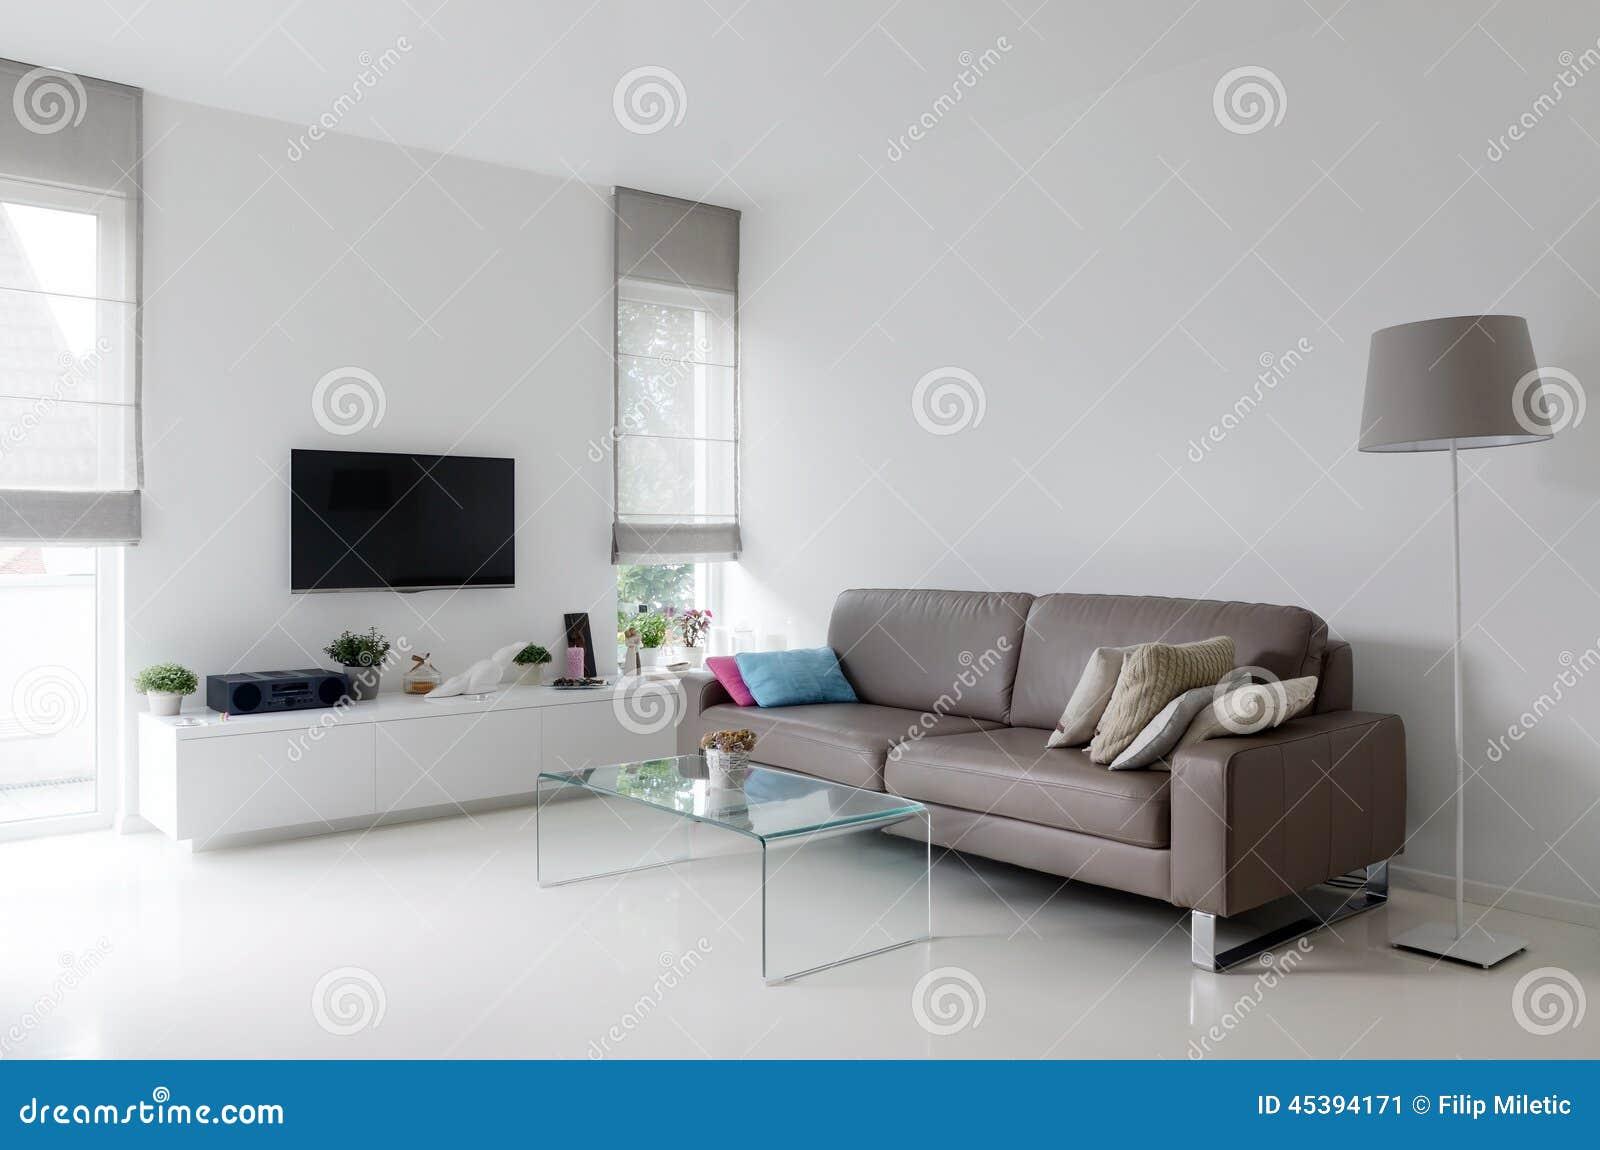 45394171 - Presupuesto para pintar una casa ...